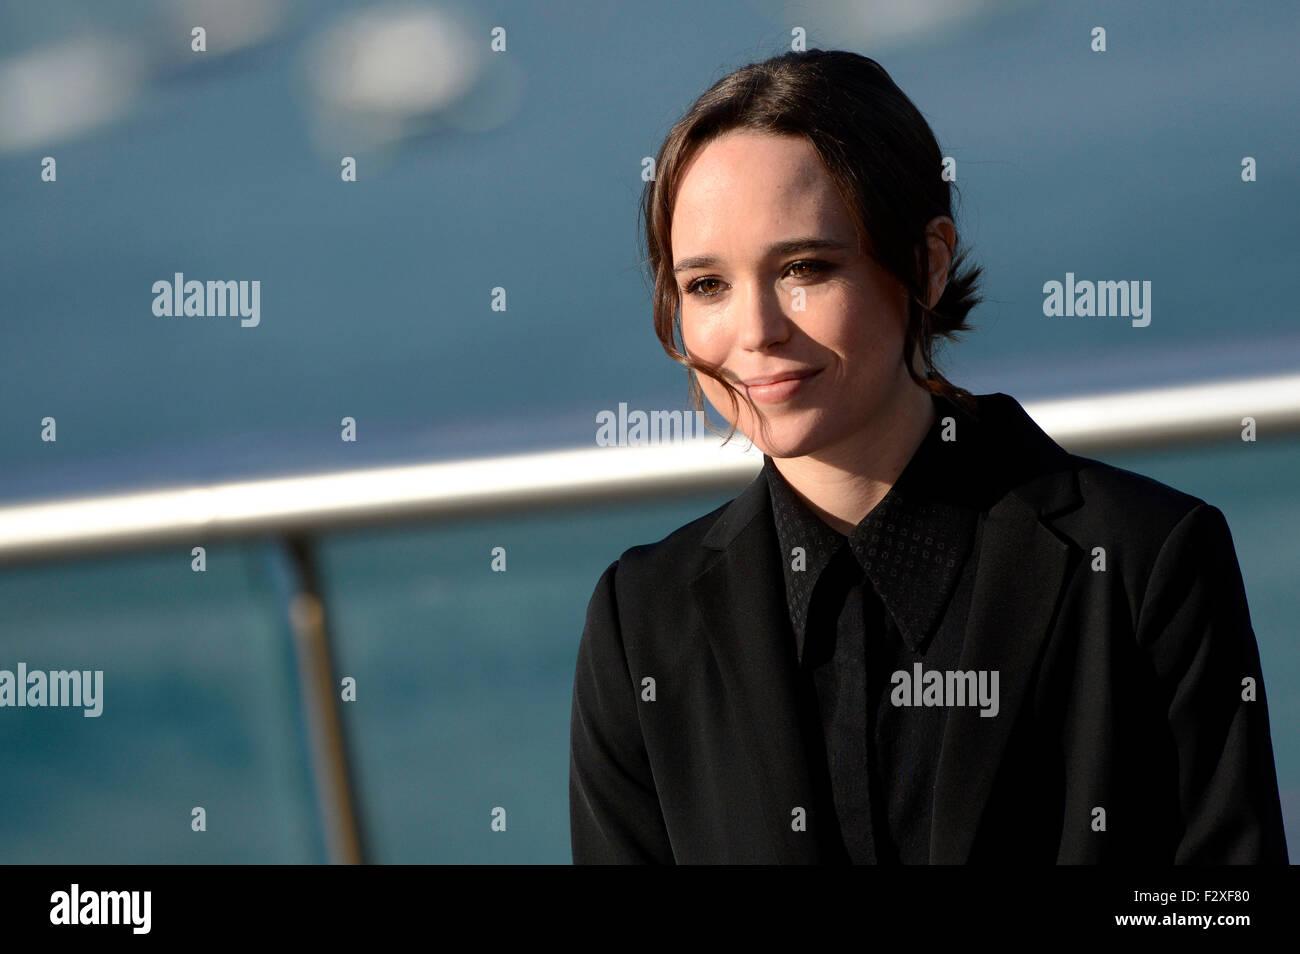 """Ellen Page assiste à la conférence de presse pour """"Freeheld"""" au 63. International Filmfestival San Sebastian / Festival Internacional de Cine de Donostia-San Sebastián, 24.09.2015/photo alliance Banque D'Images"""